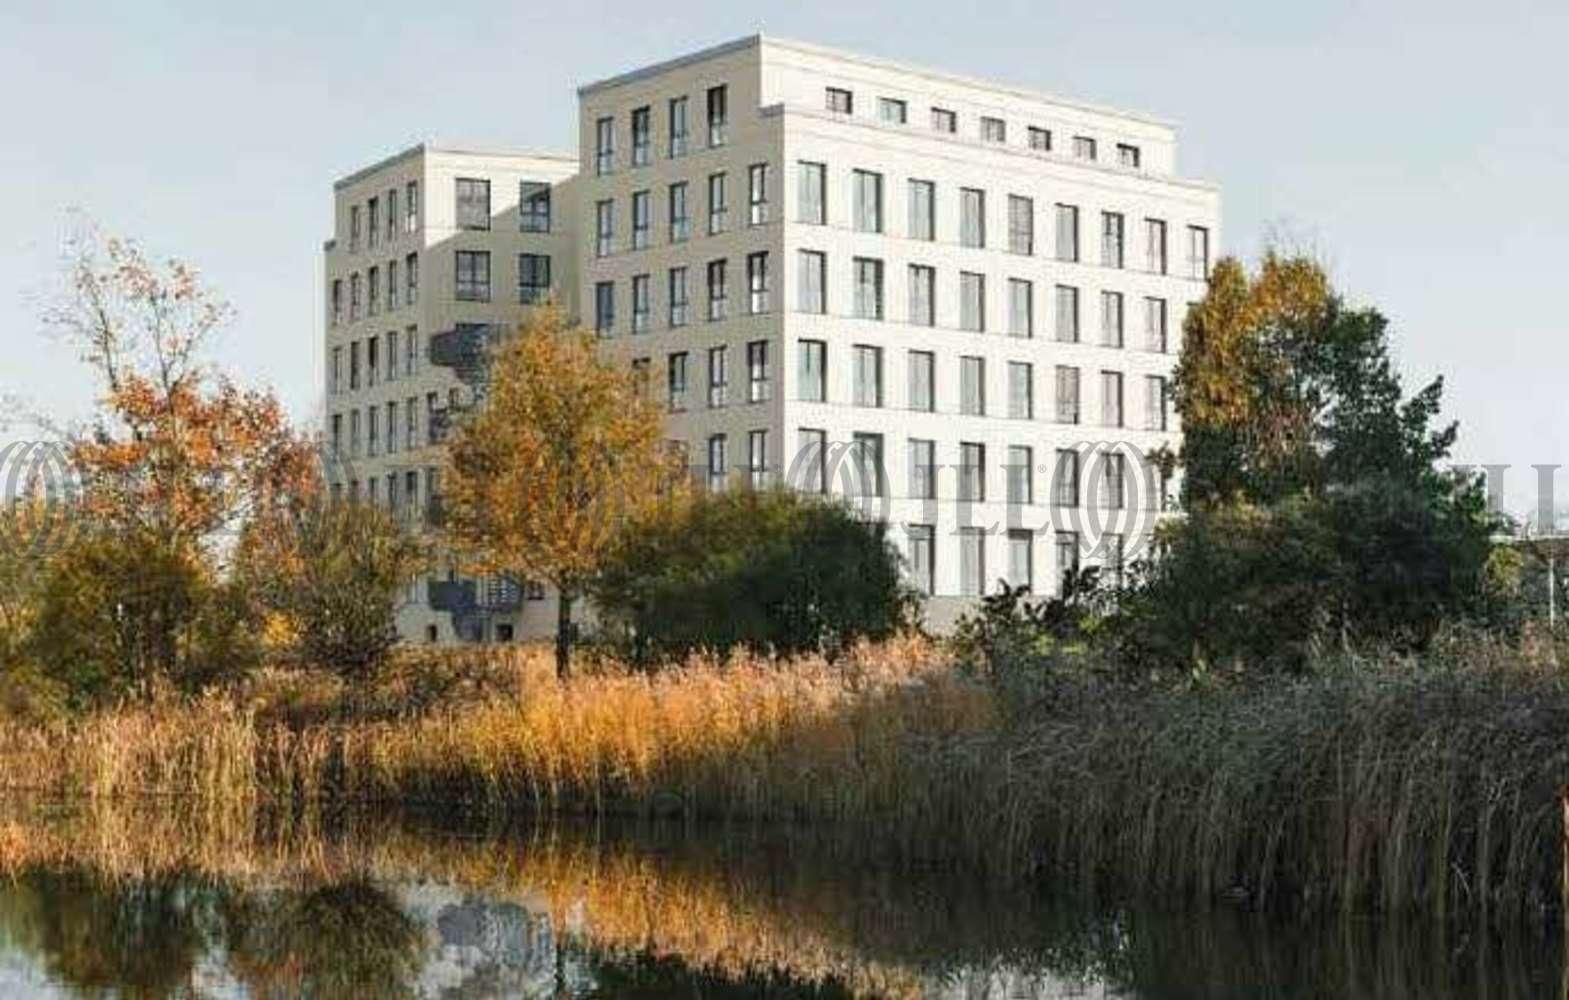 Büros Kleinmachnow, 14532 - Büro - Kleinmachnow - B1553 - 9887480